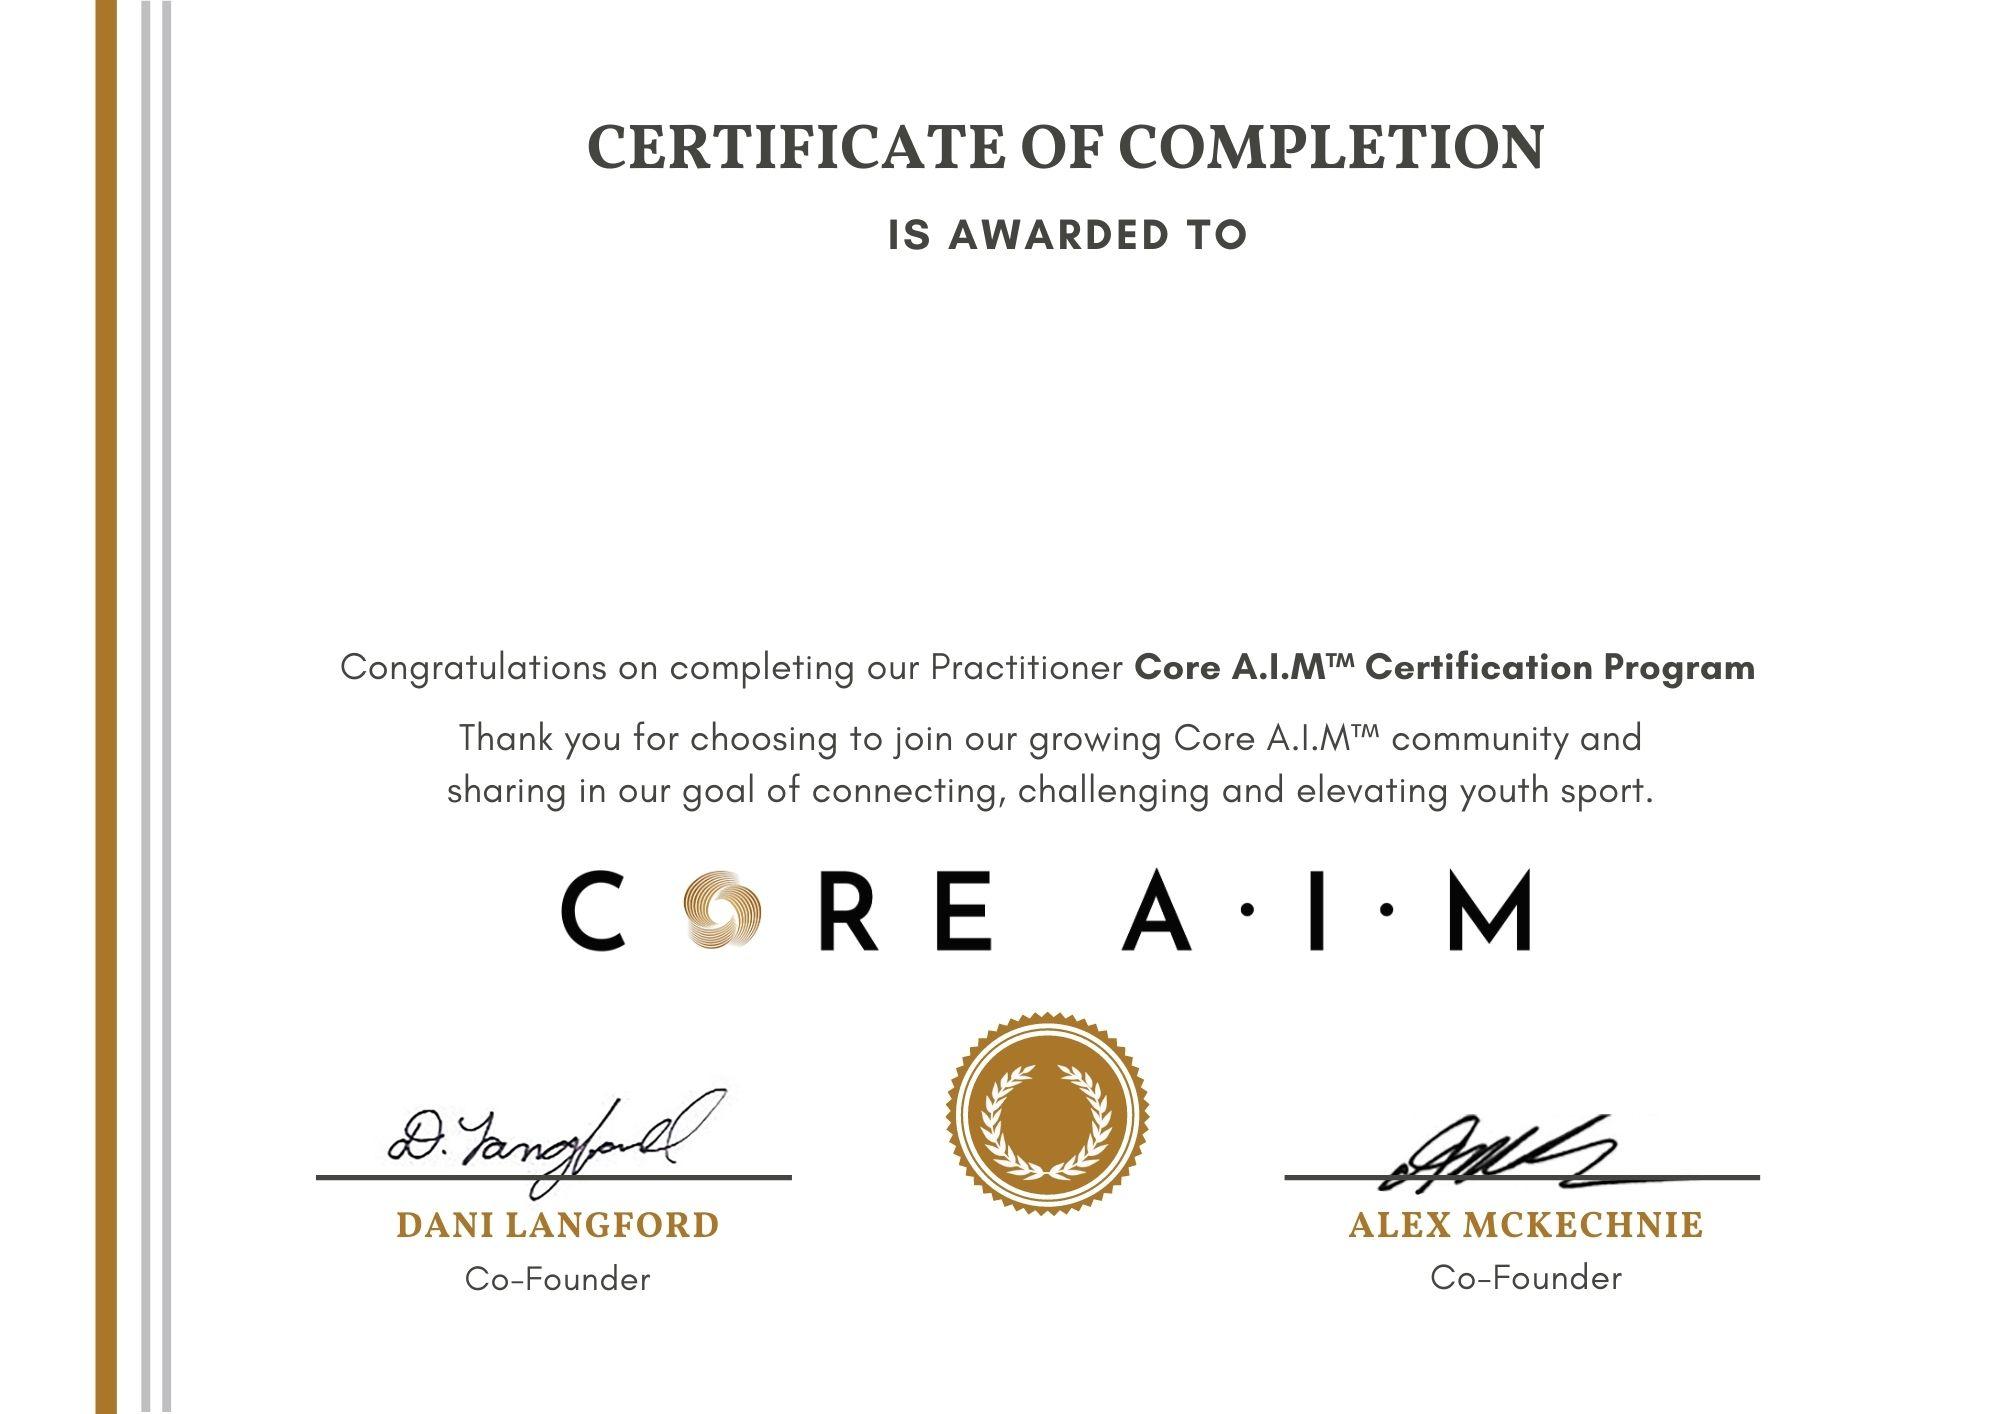 Core A.I.M Certification Certificate